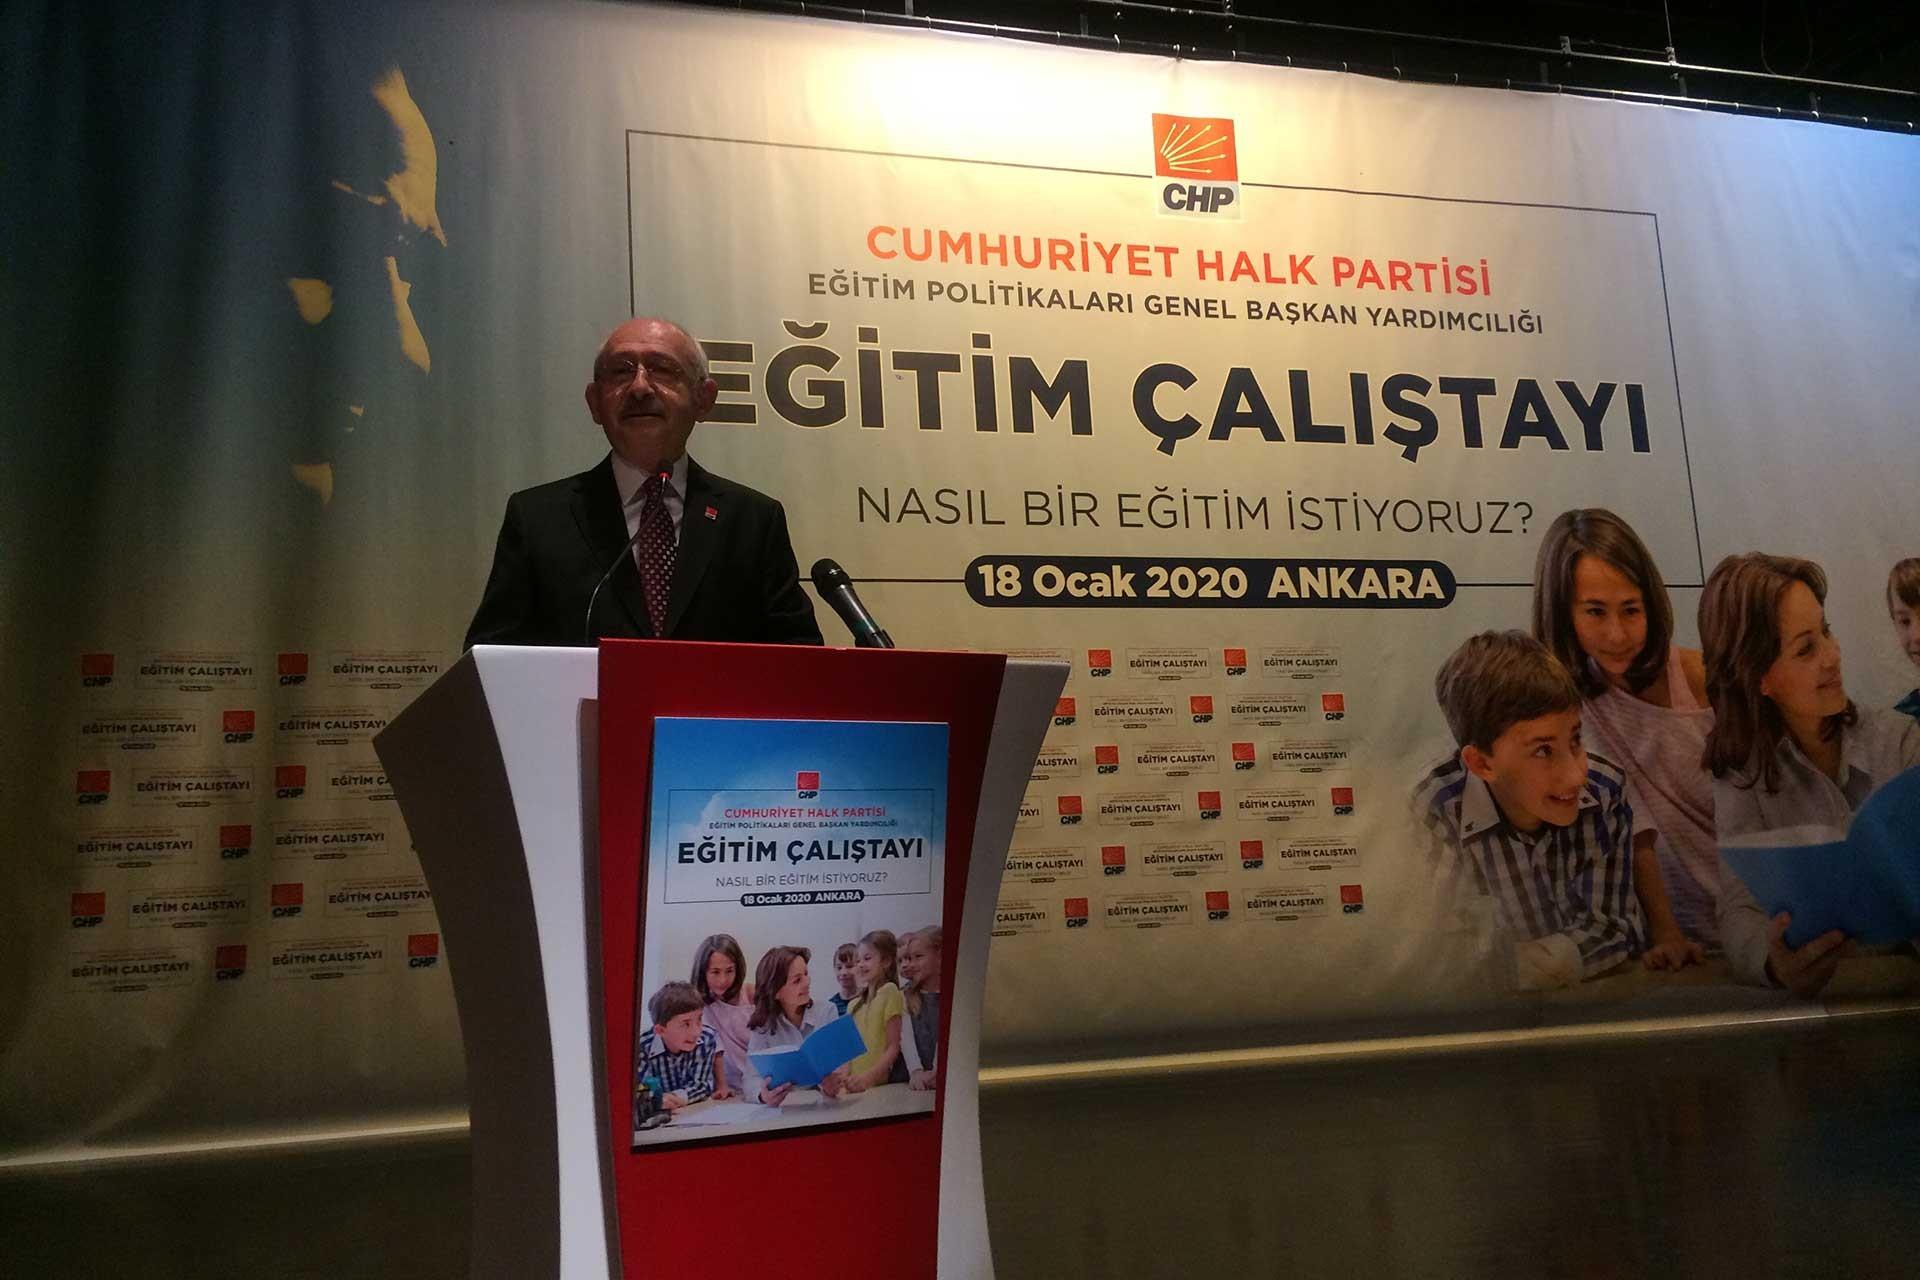 Kemal Kılıçdaroğlu'nun katıldığı eğitim çalıştayı